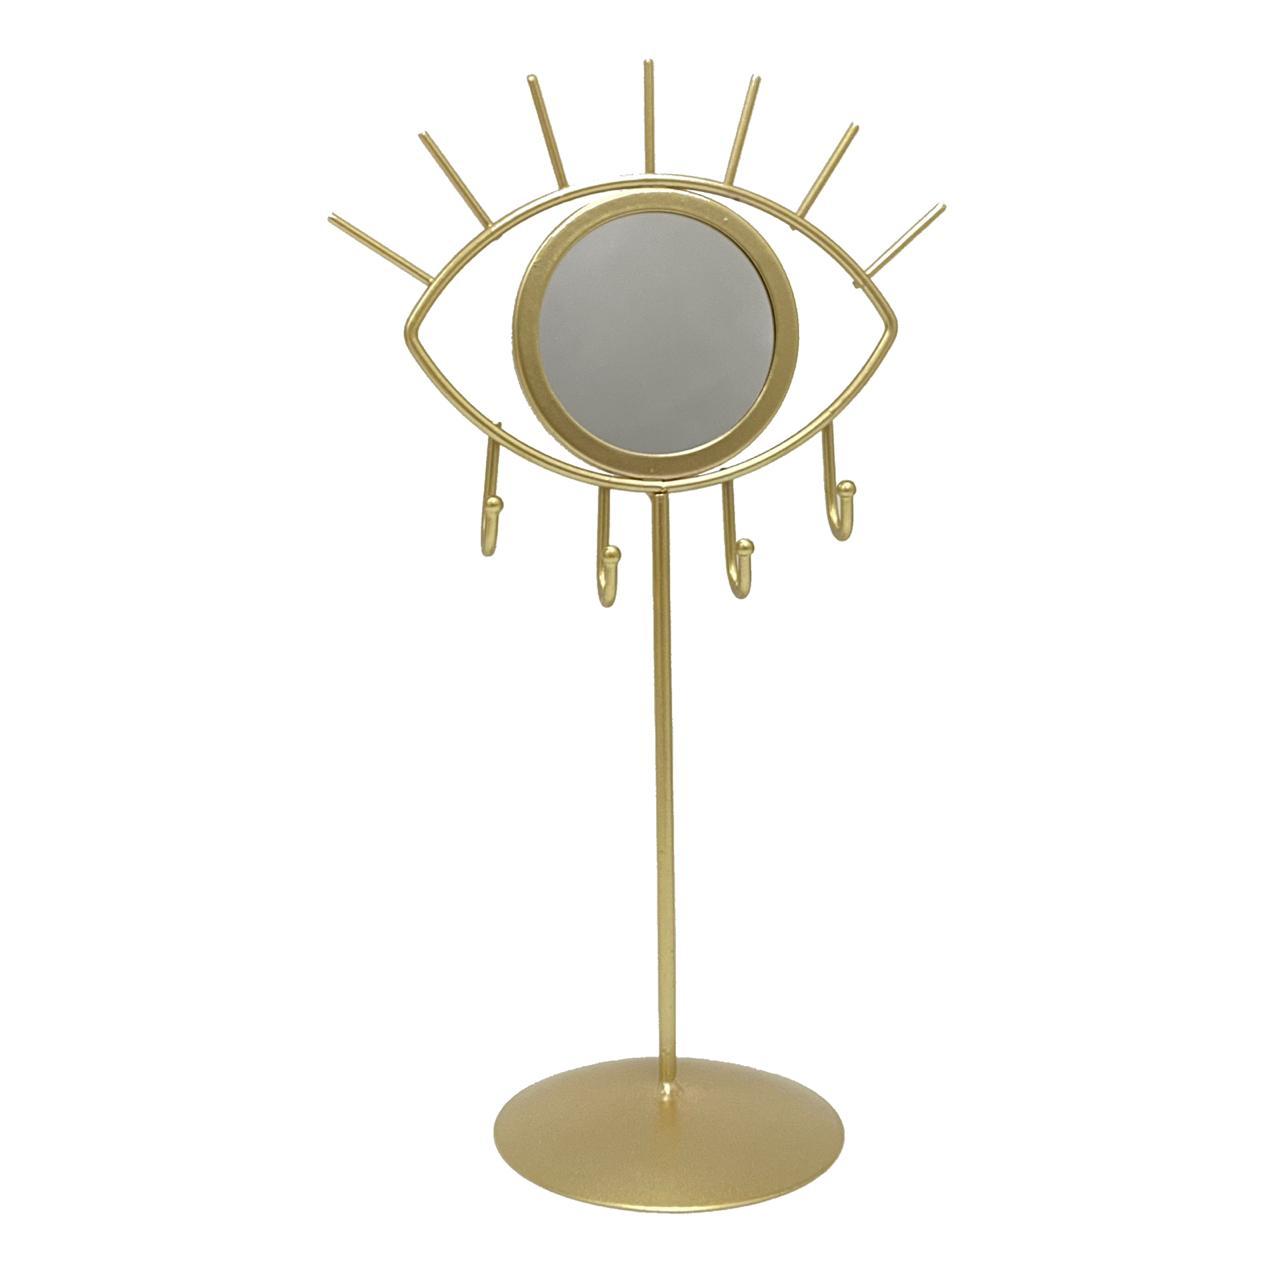 Aramado espelho olho com suporte e gancho